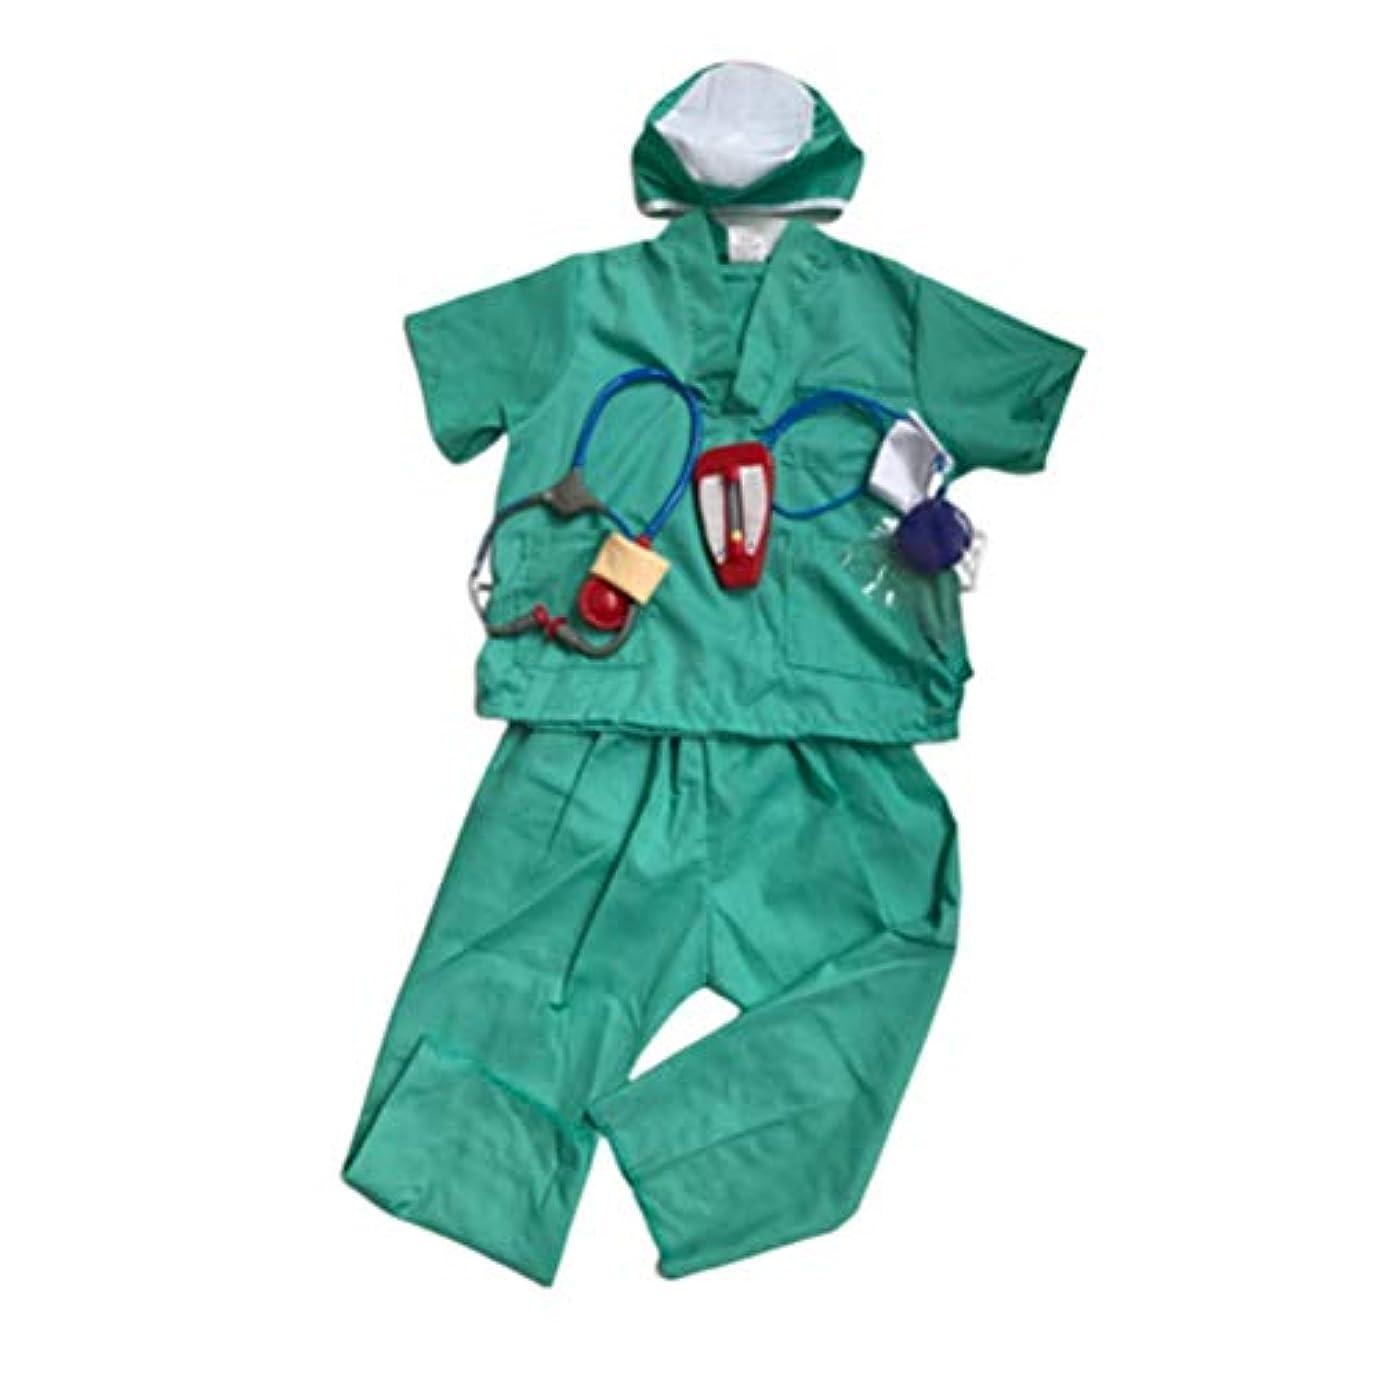 何か不機嫌急いでAmosfunドクターユニフォーム子供のための子供手術ガウンコスプレ衣装ロールプレイ衣装ハロウィン仮装パーティー